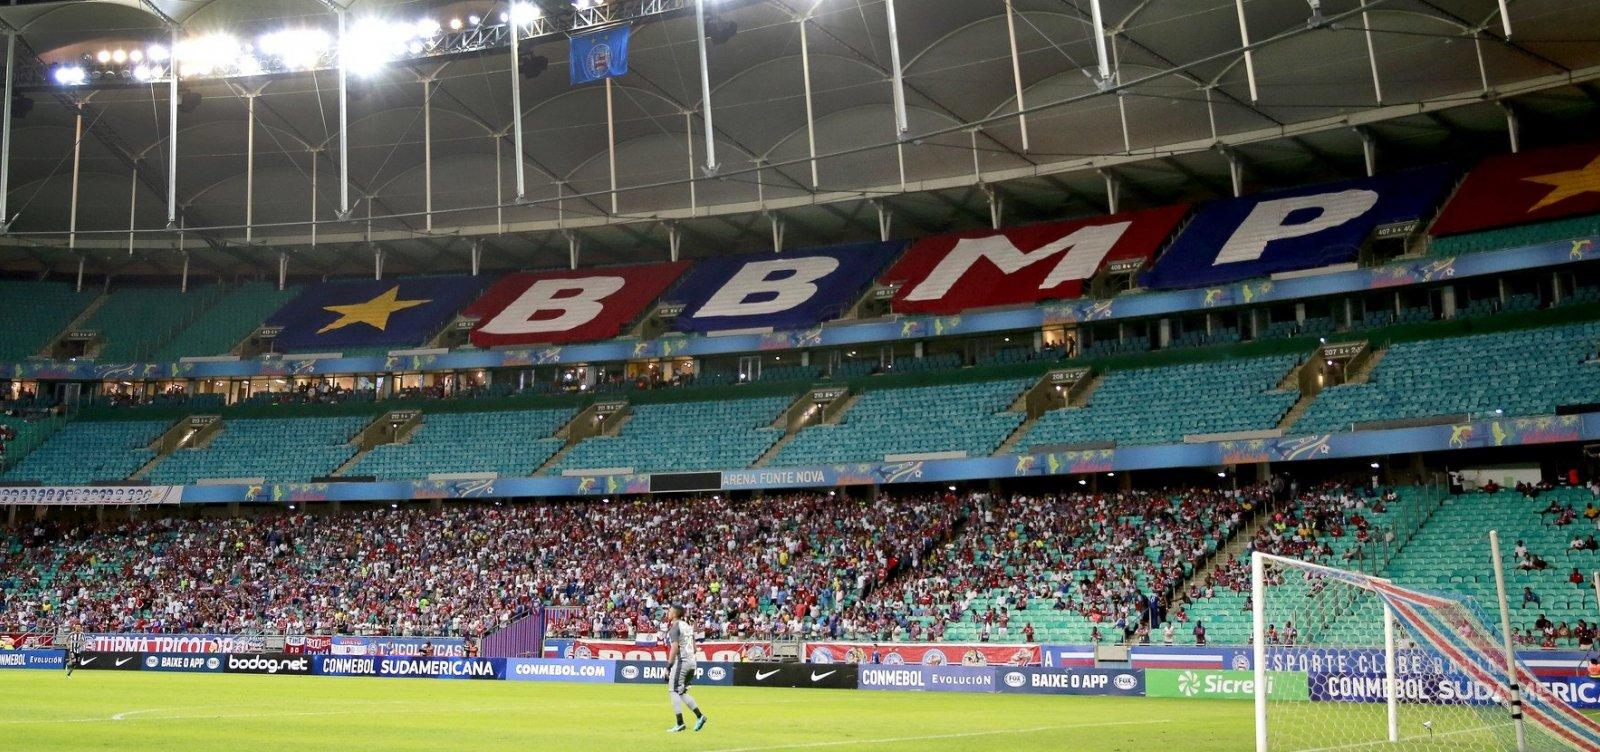 [Duelo entre Bahia e Flamengo já tem 23 mil ingressos garantidos]